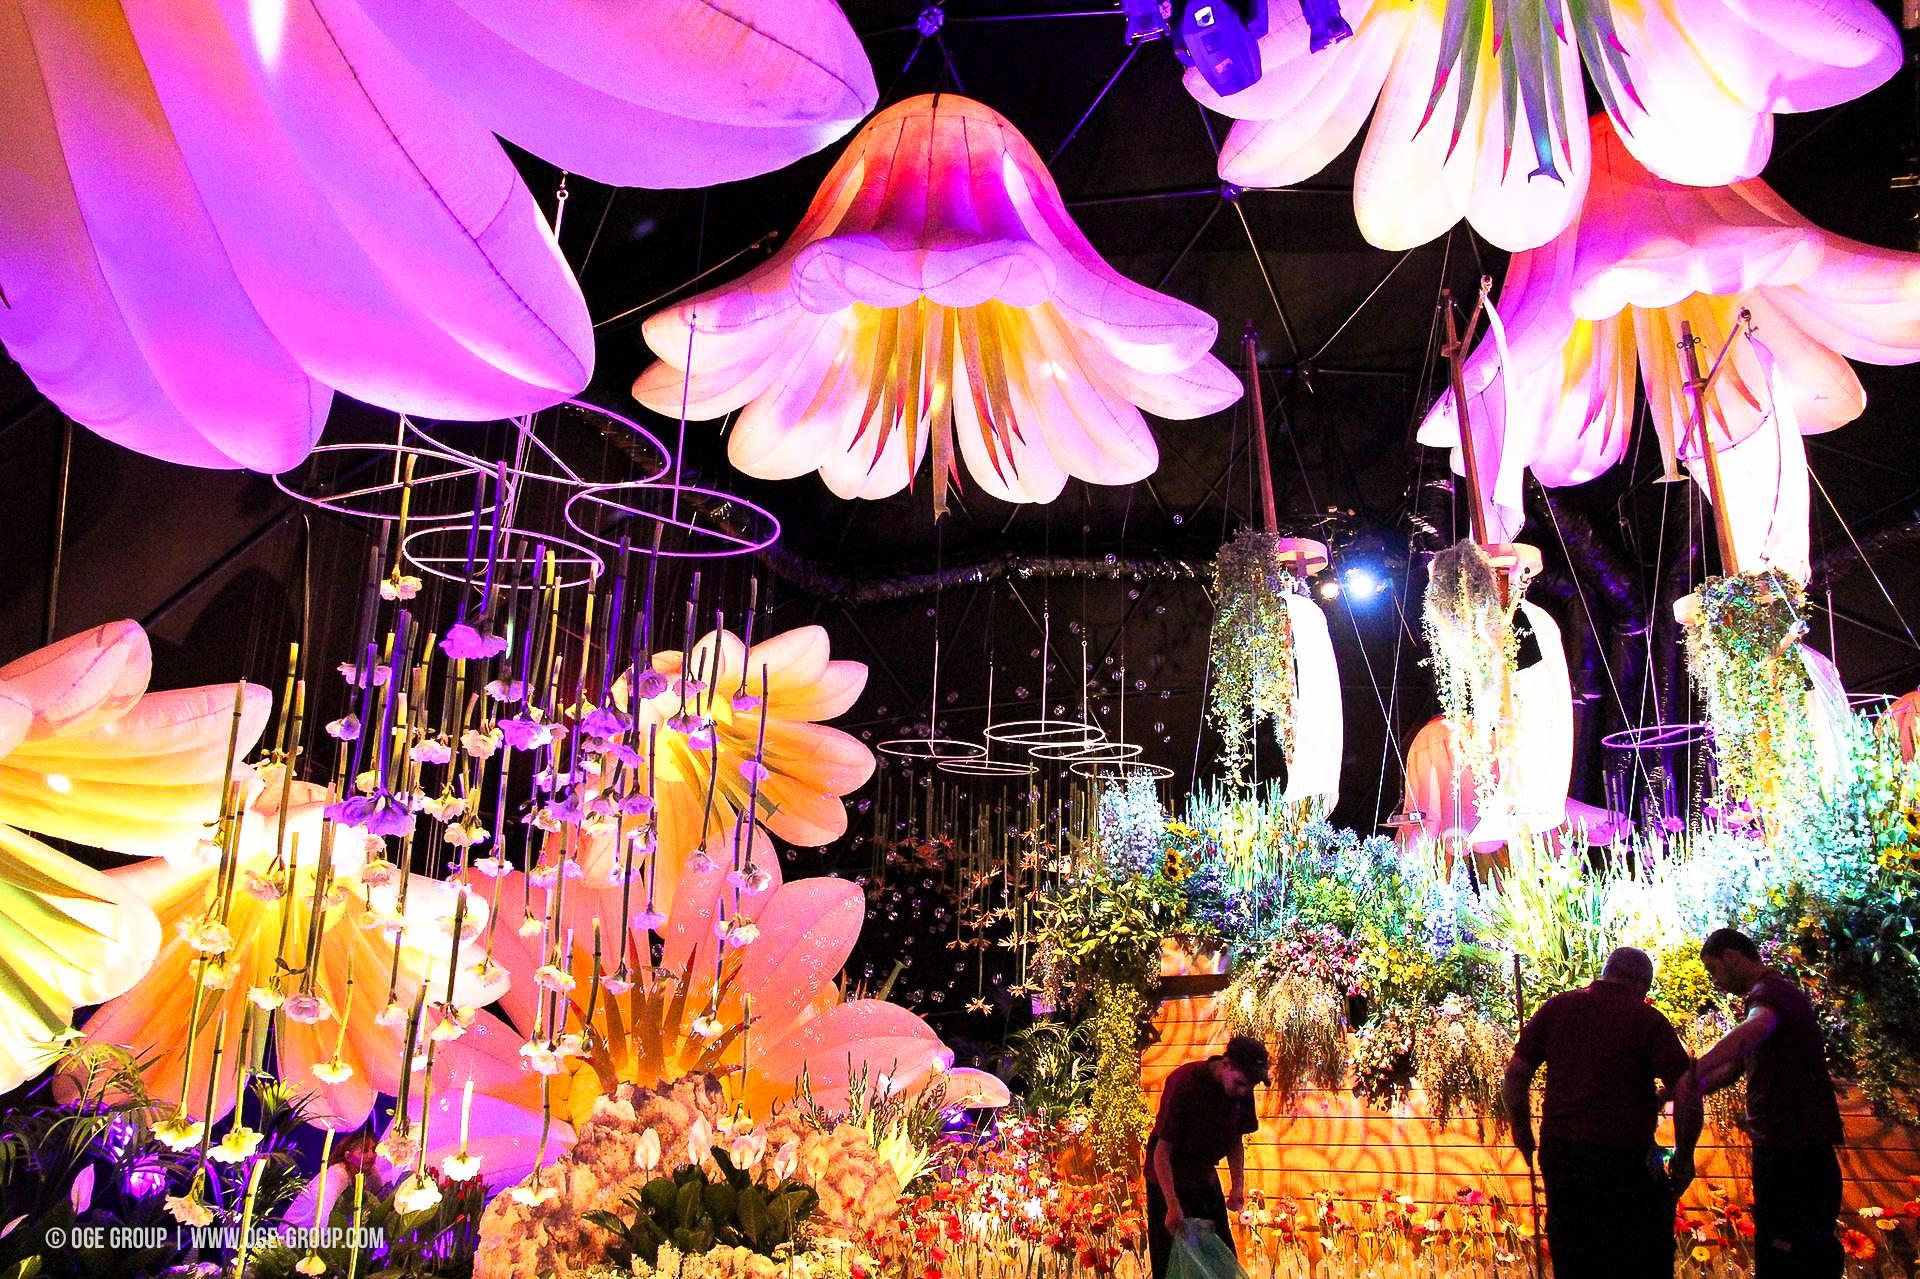 OGE-Flower-Show-Underwater-15